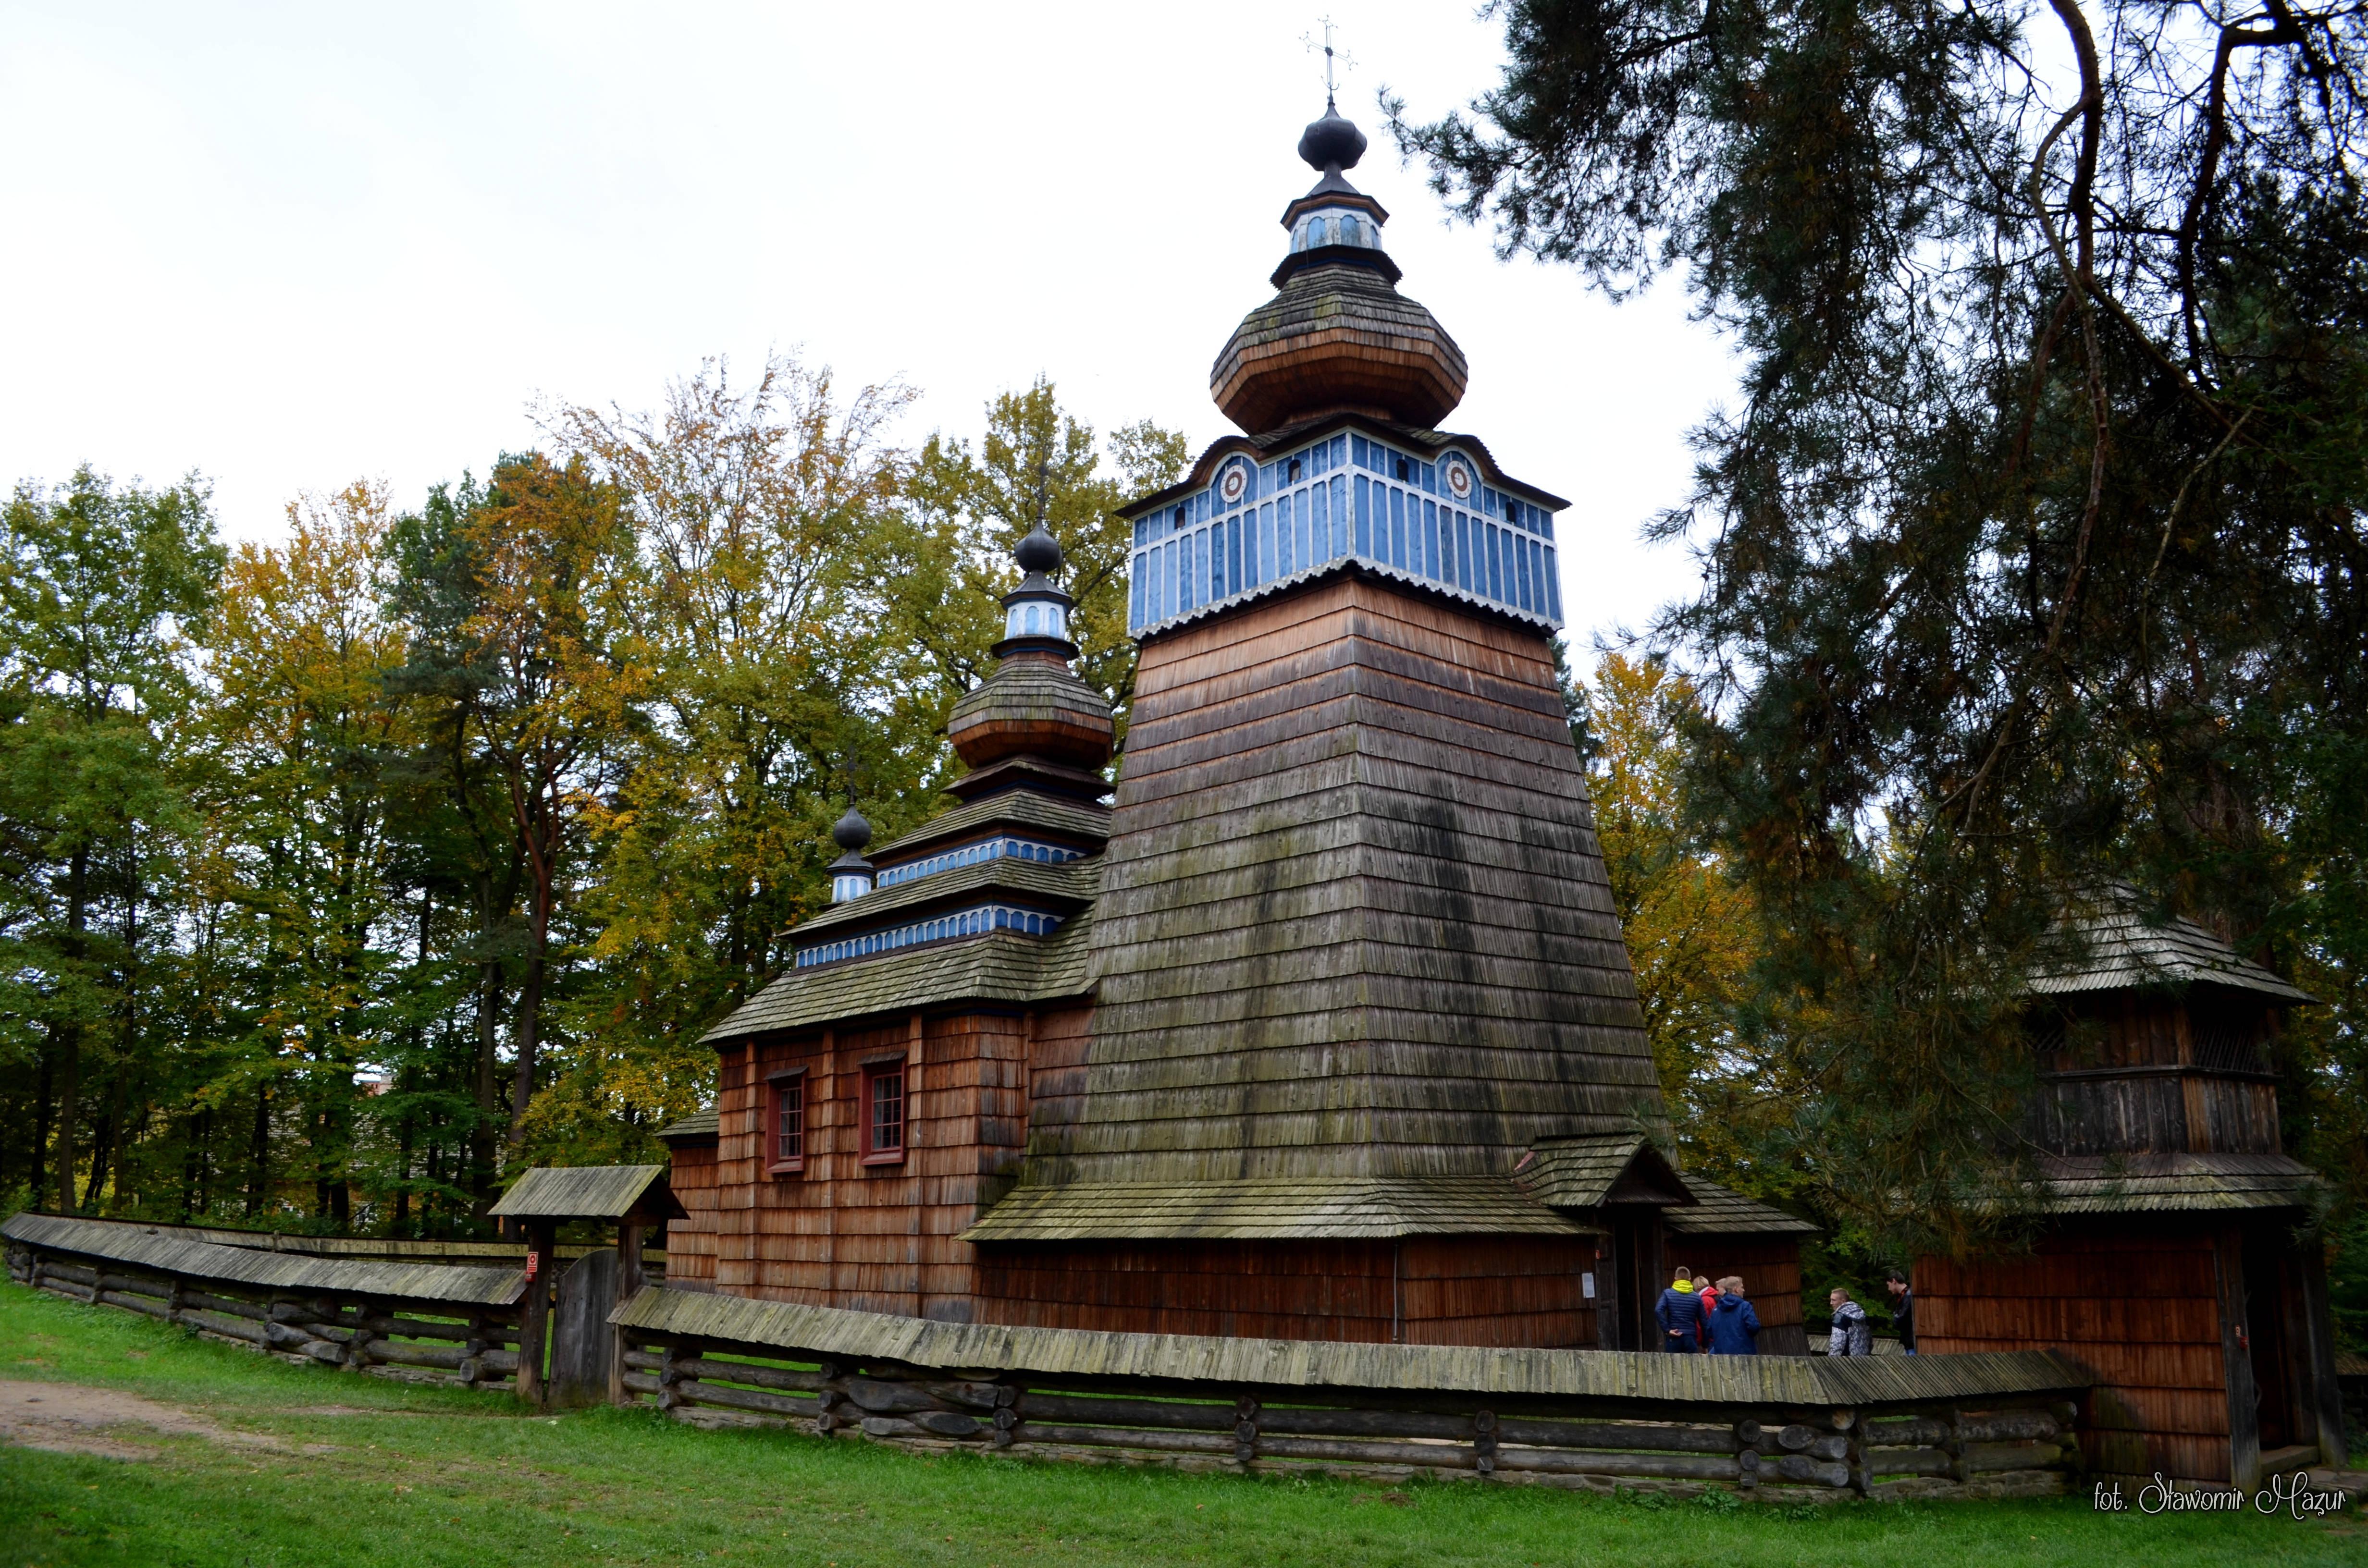 Cerkiew prawosławna w Parku Etnograficznym w Sanoku